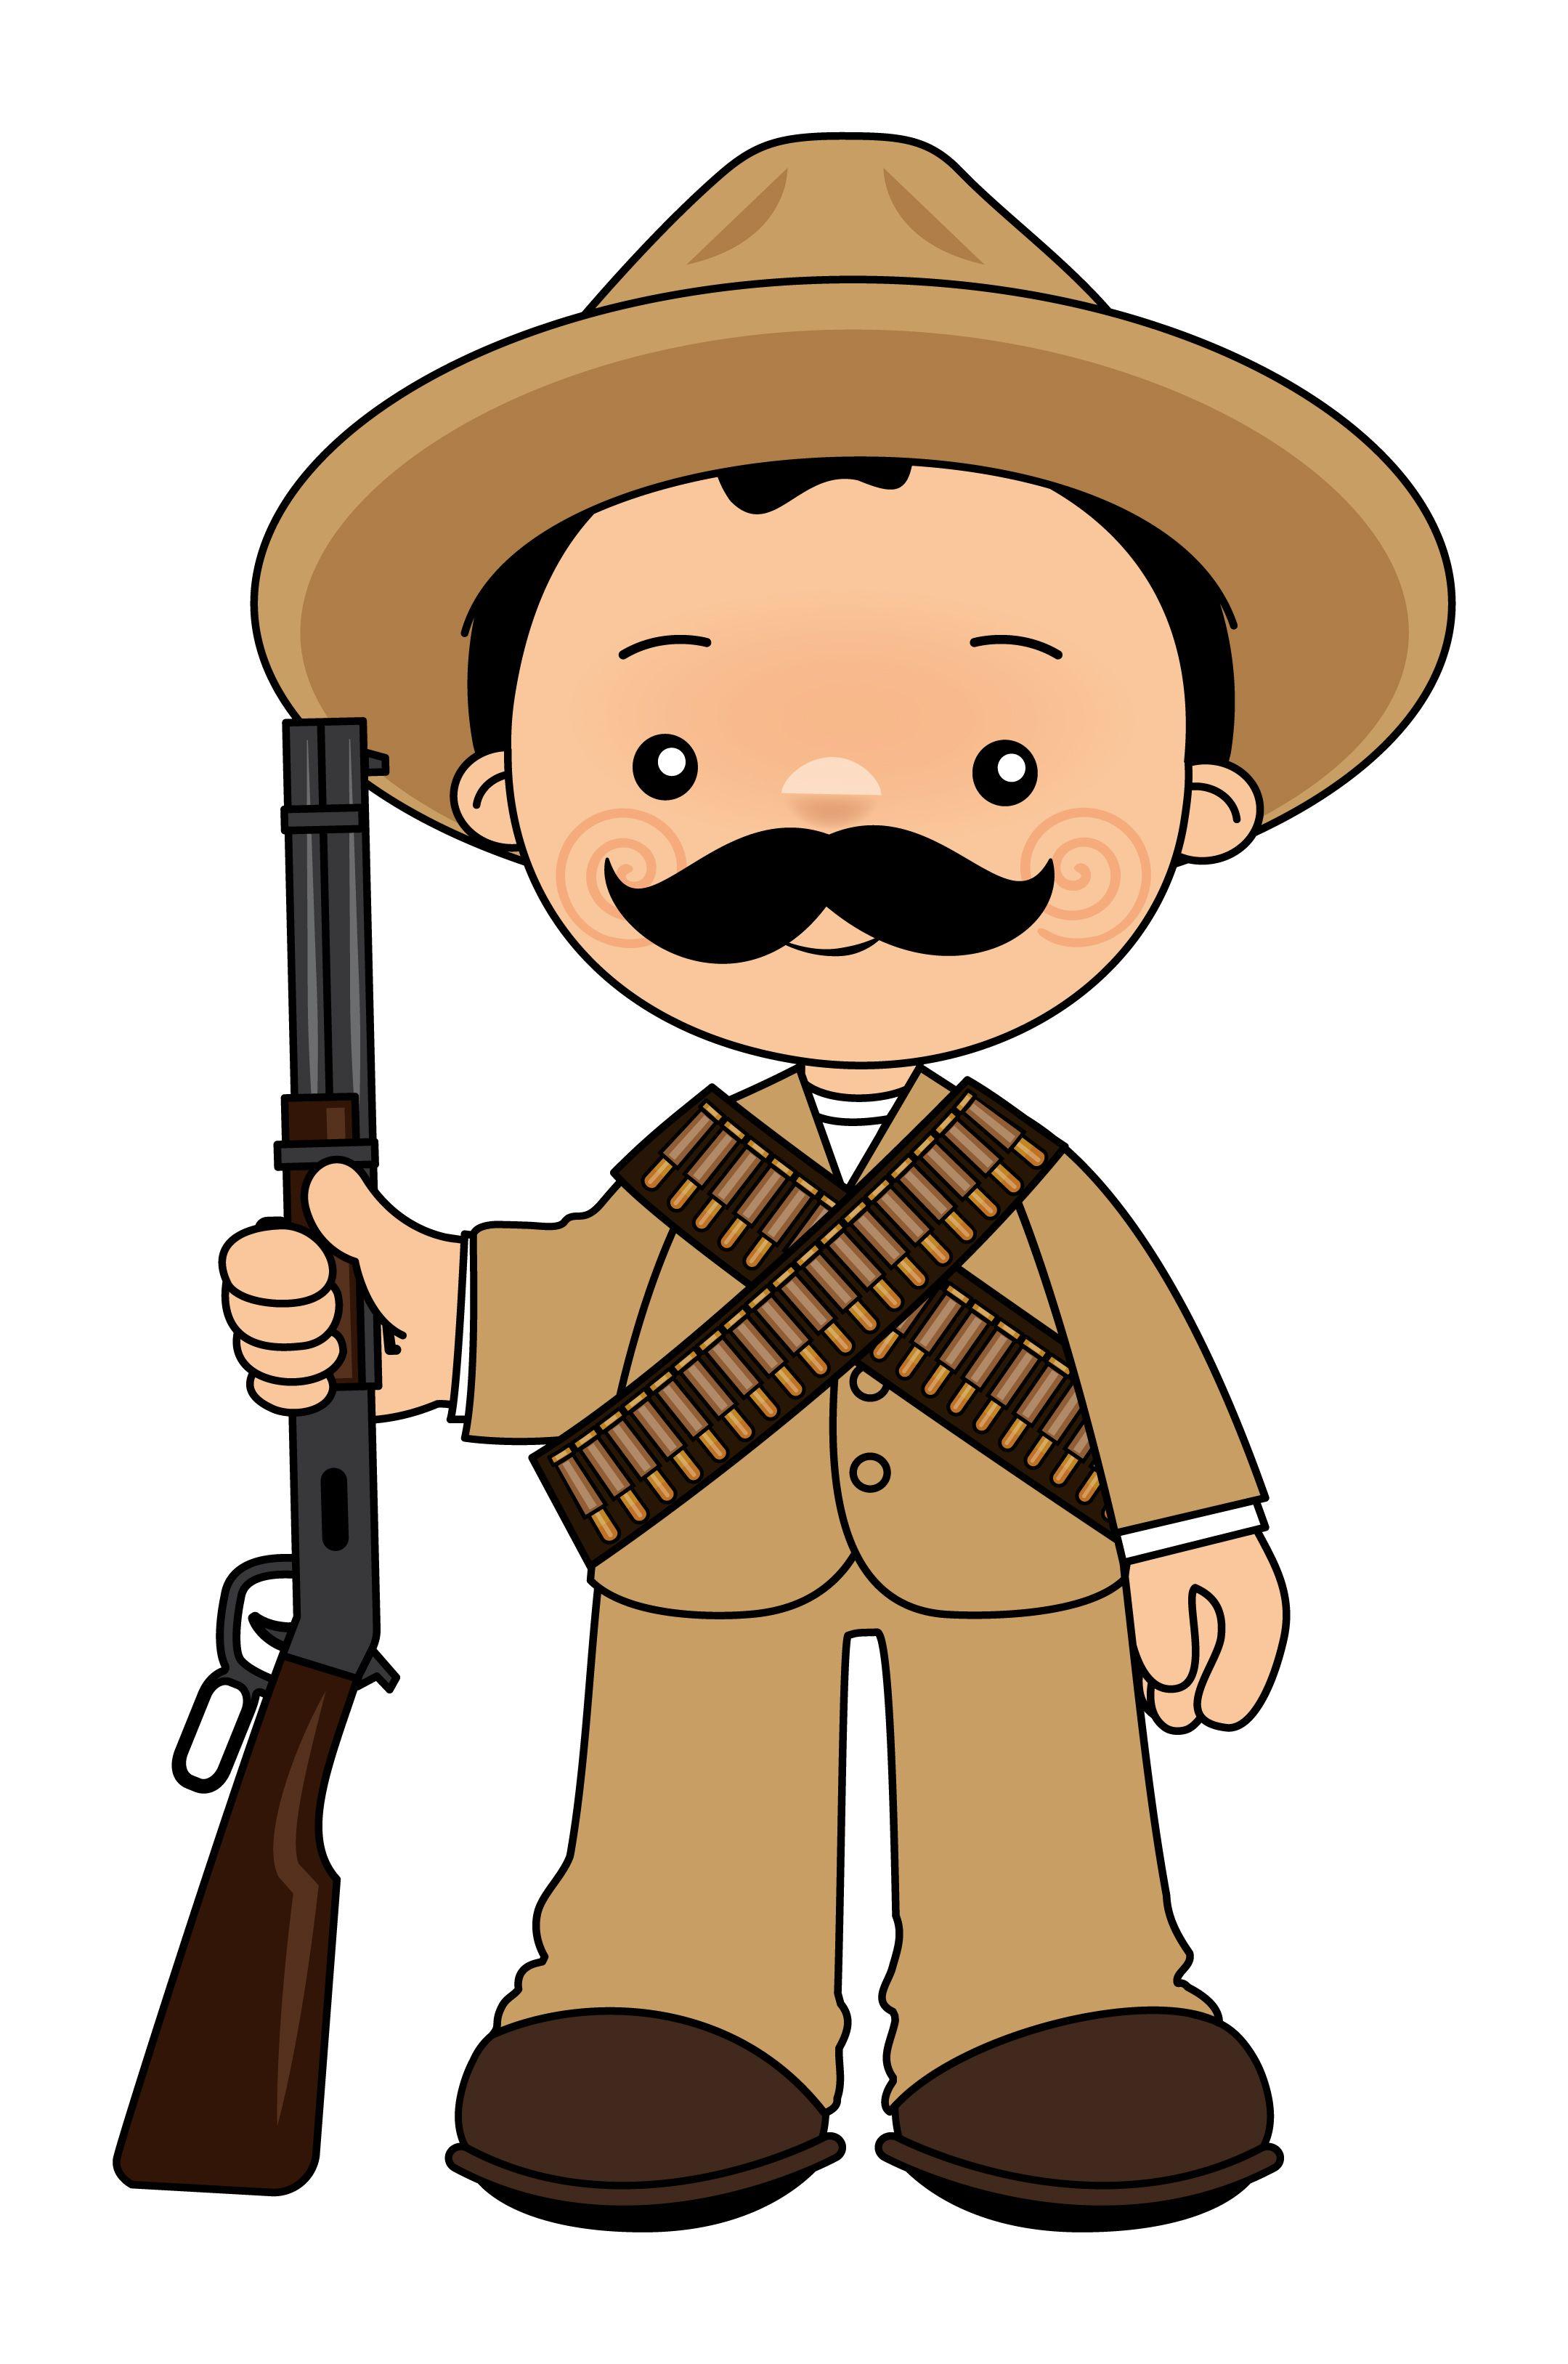 Pancho Villa Revolucion Mexicana Para Ninos Revolucion Mexicana Dibujos Revolucion Mexicana